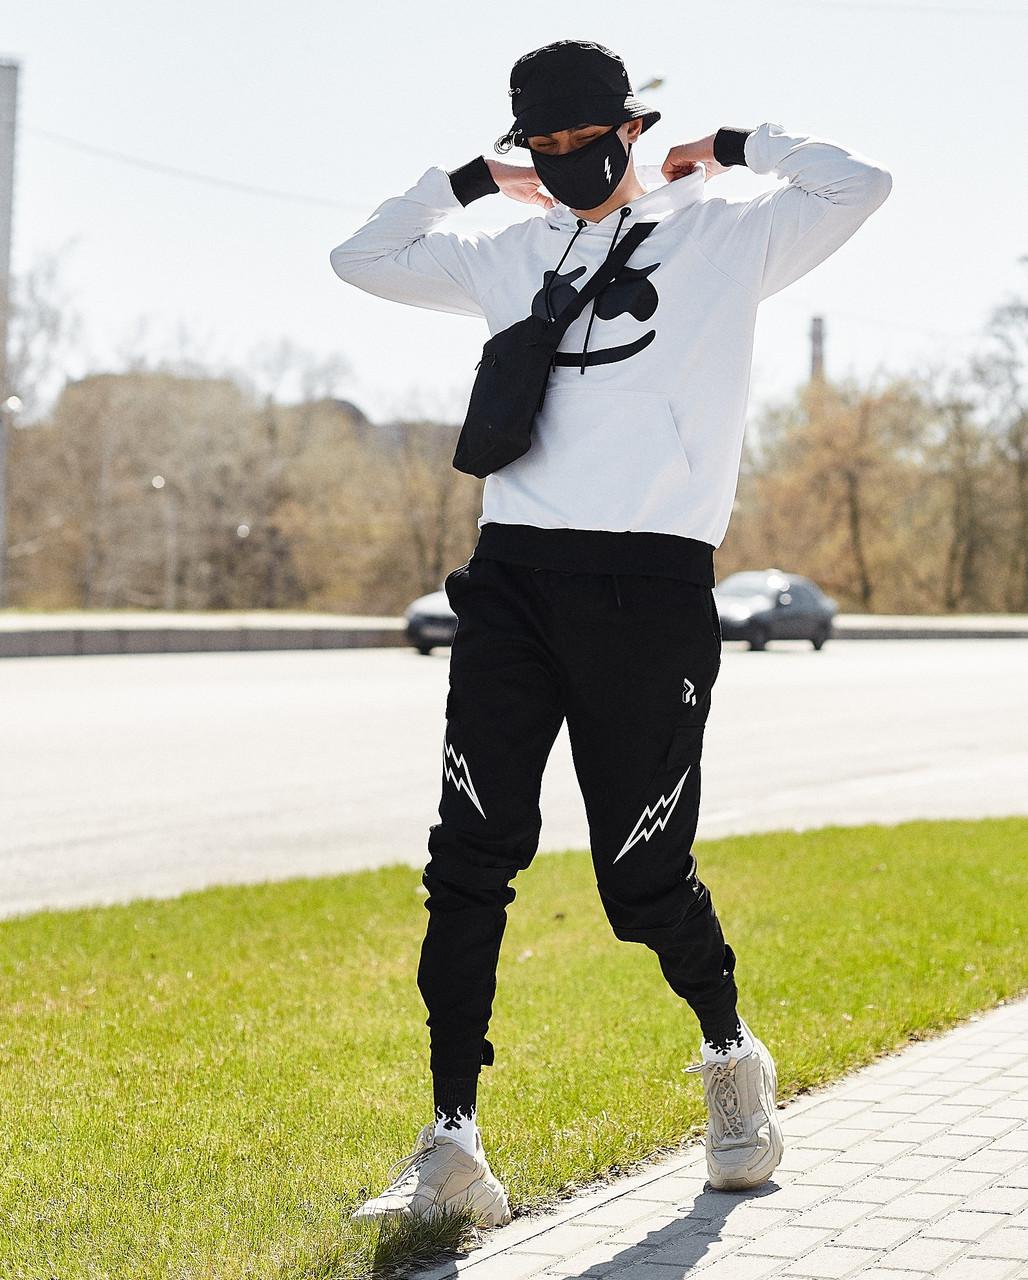 Мужские брюки-карго Пушка Огонь Angry Flash молодежные черные штаны cargo весна лето подростковые брюки карго